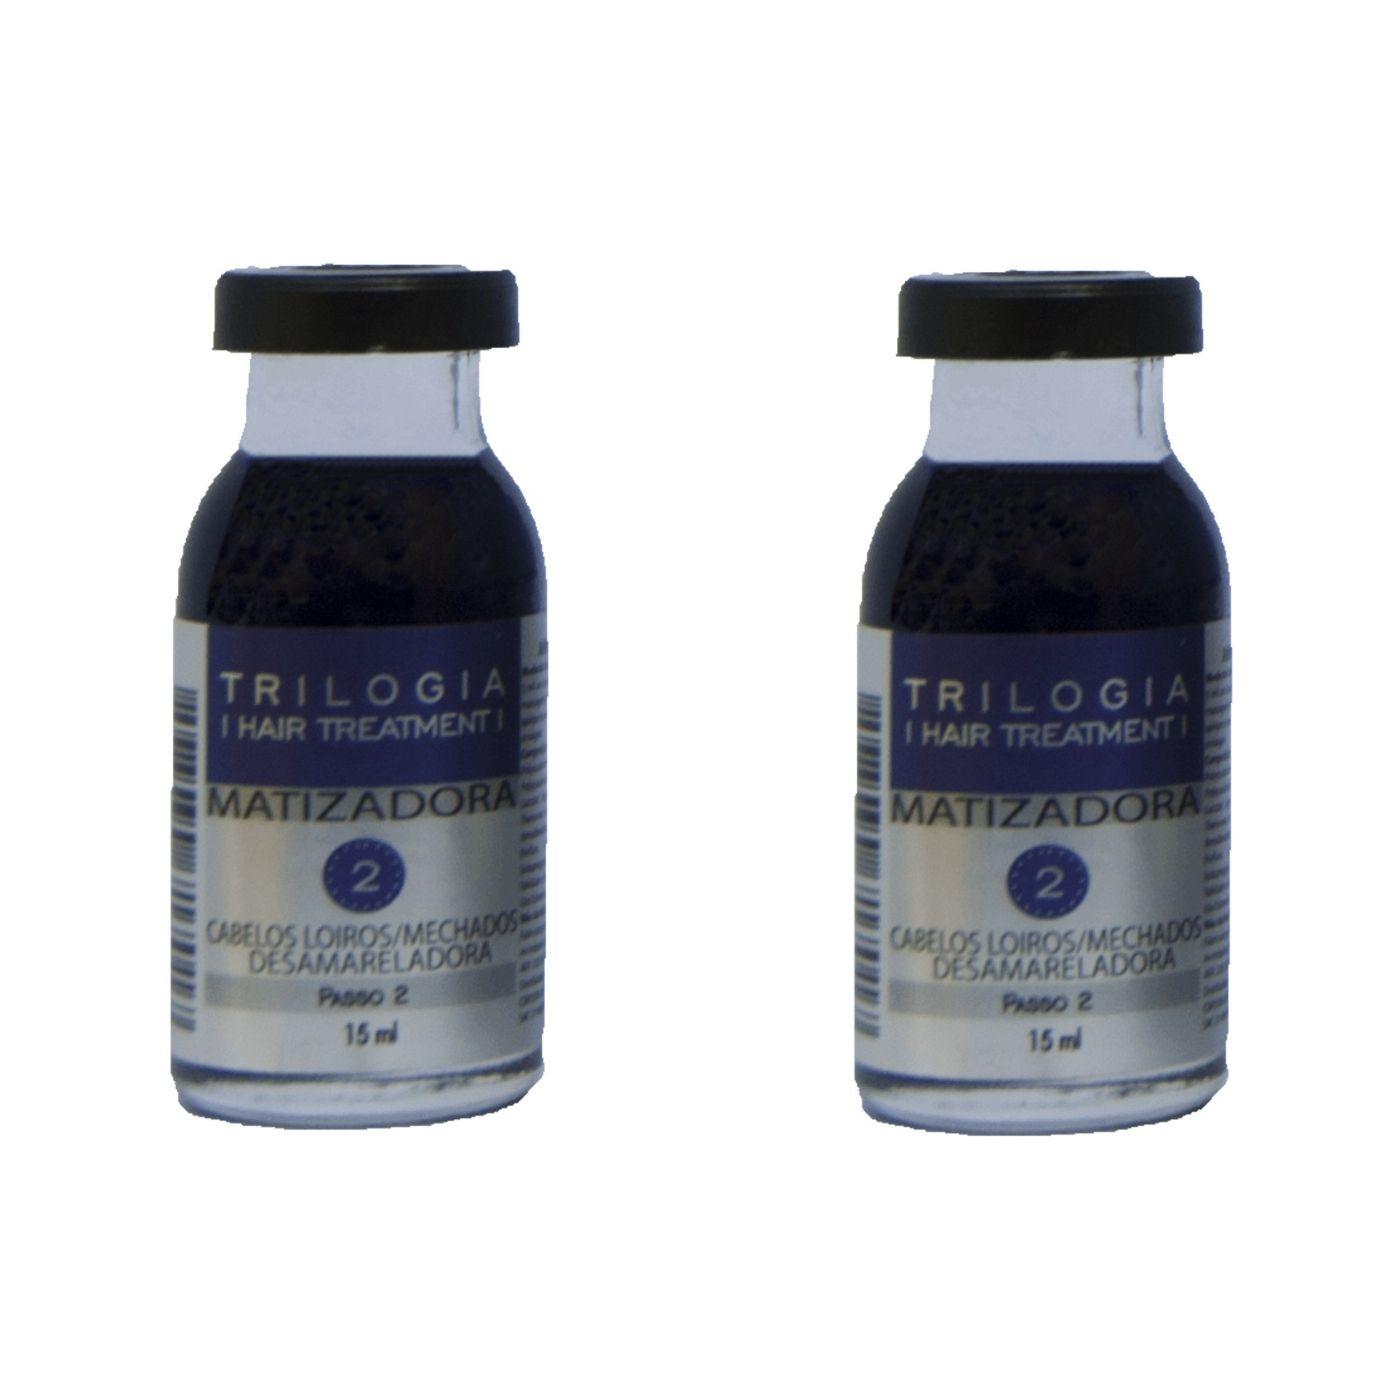 Ampola Matizadora Anti Oxidante Trilogia 15ml - 2 Unidades